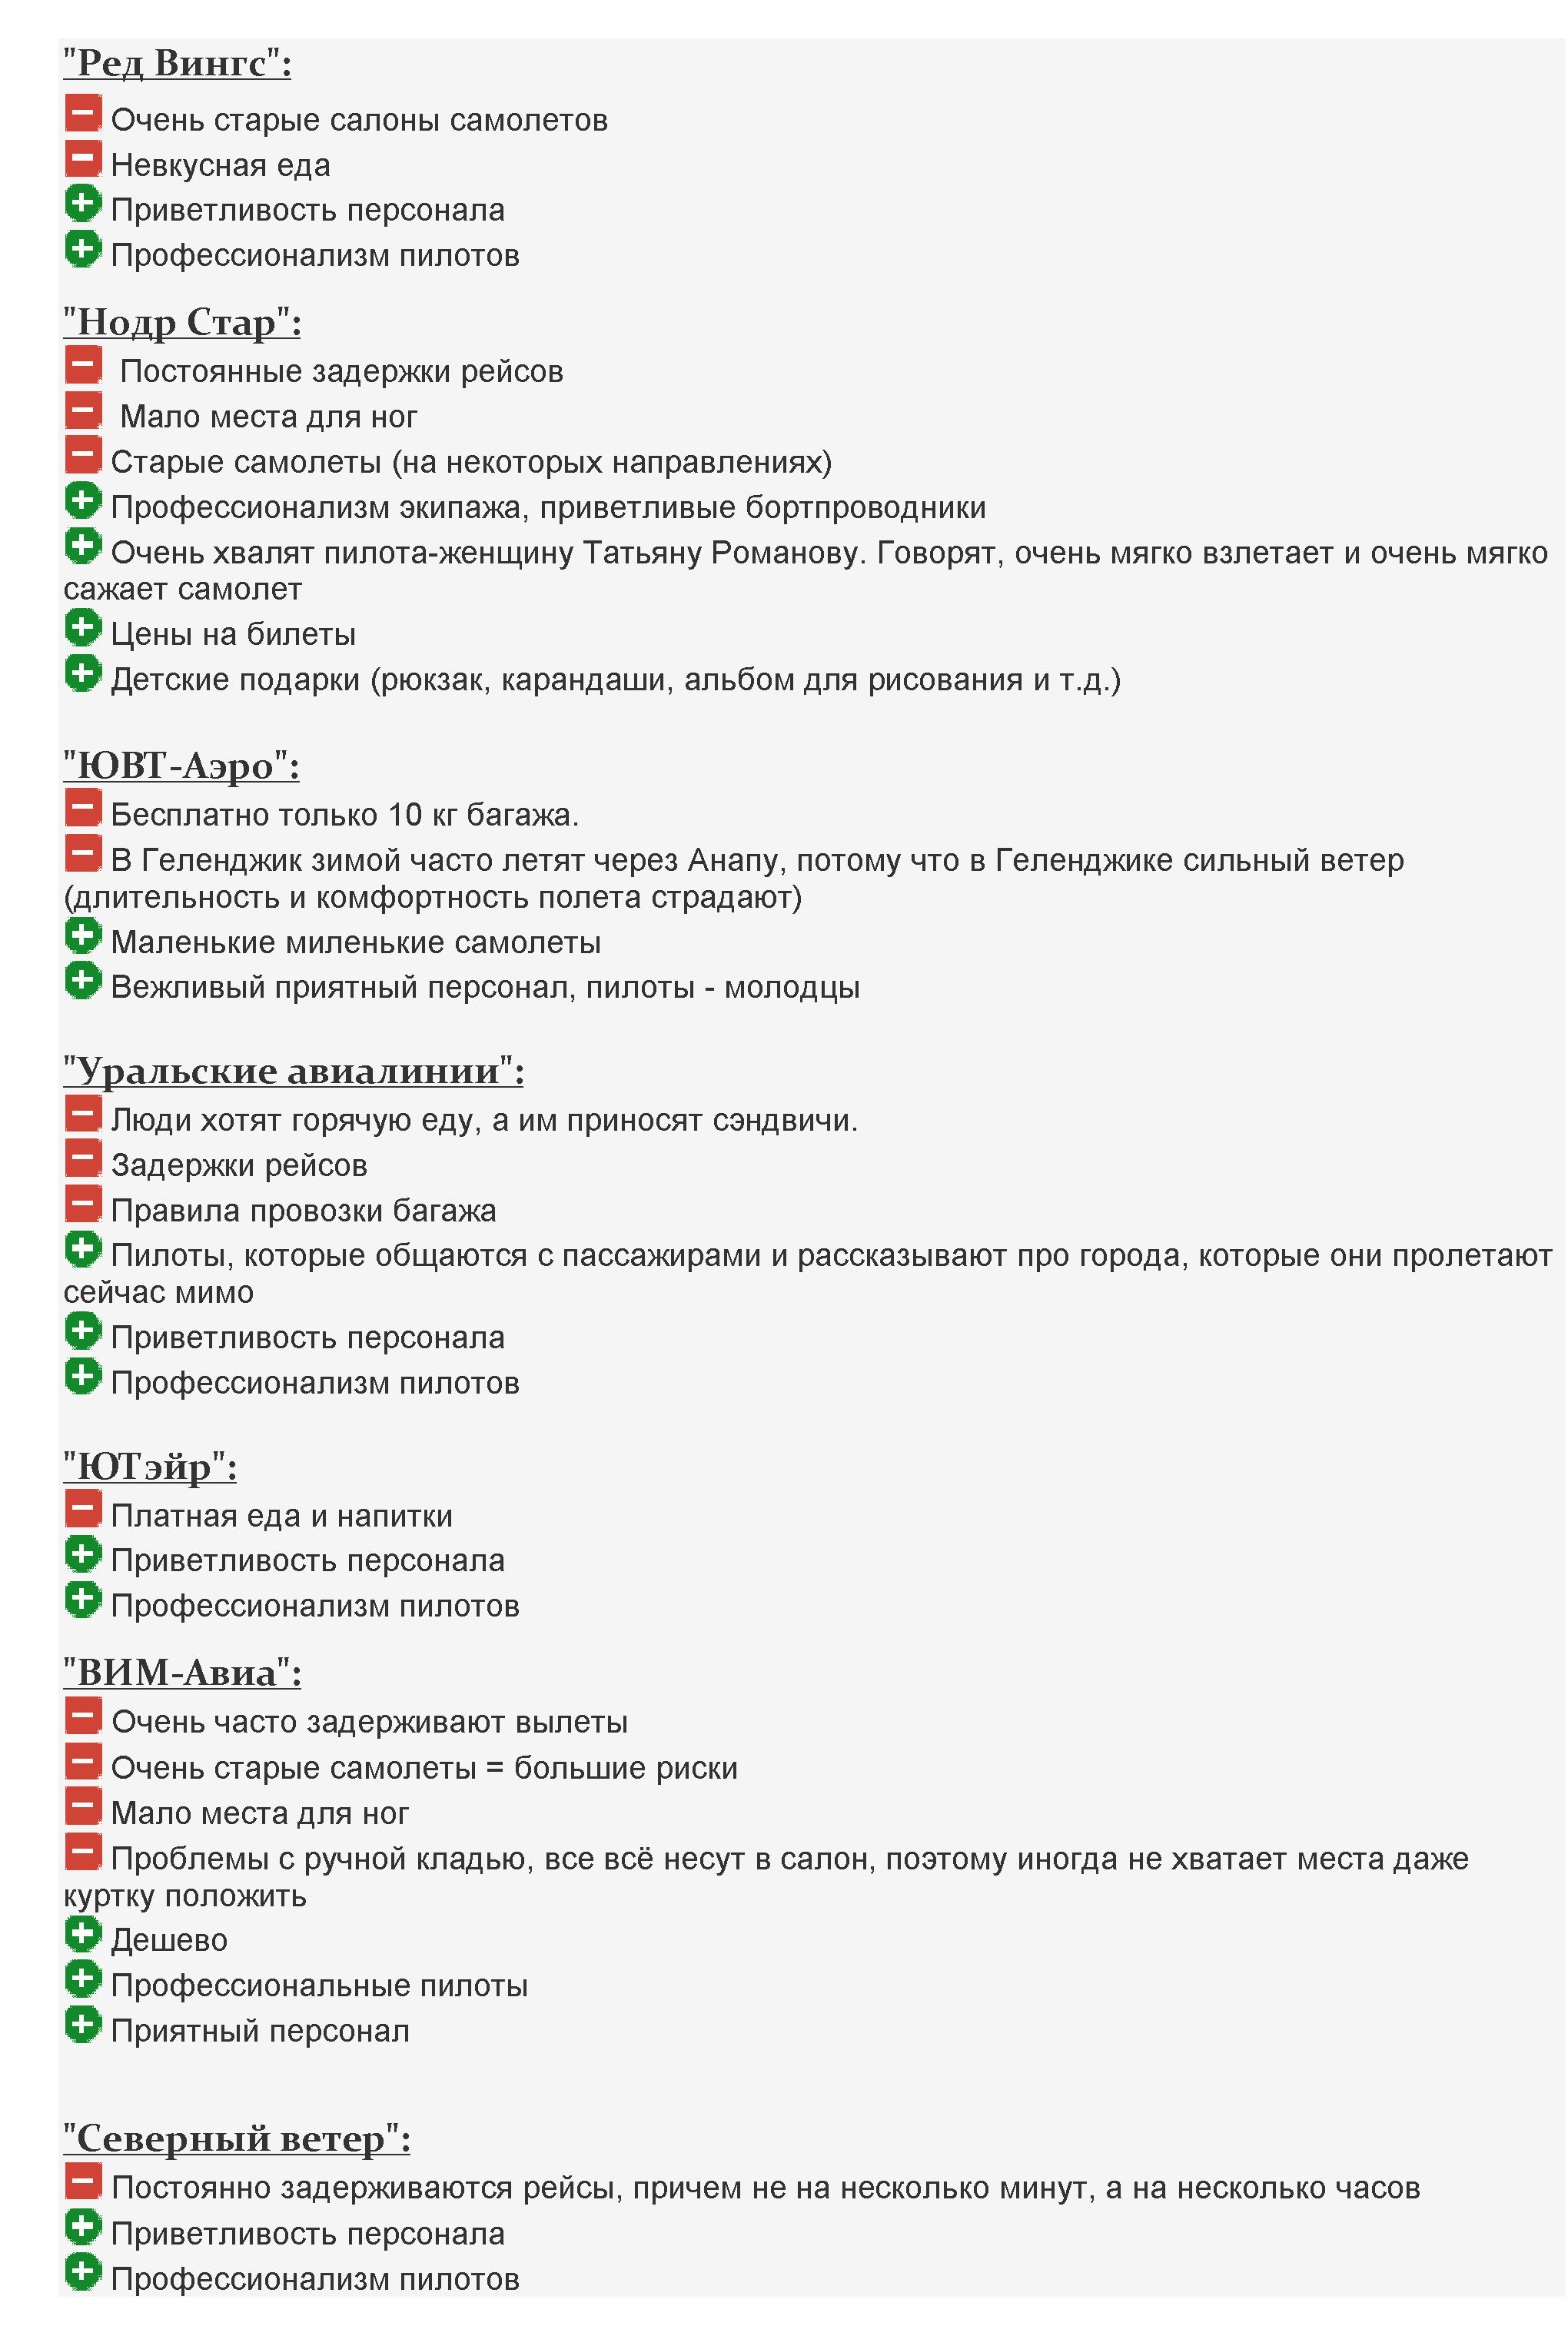 Отзывы об авиакомпаниях России